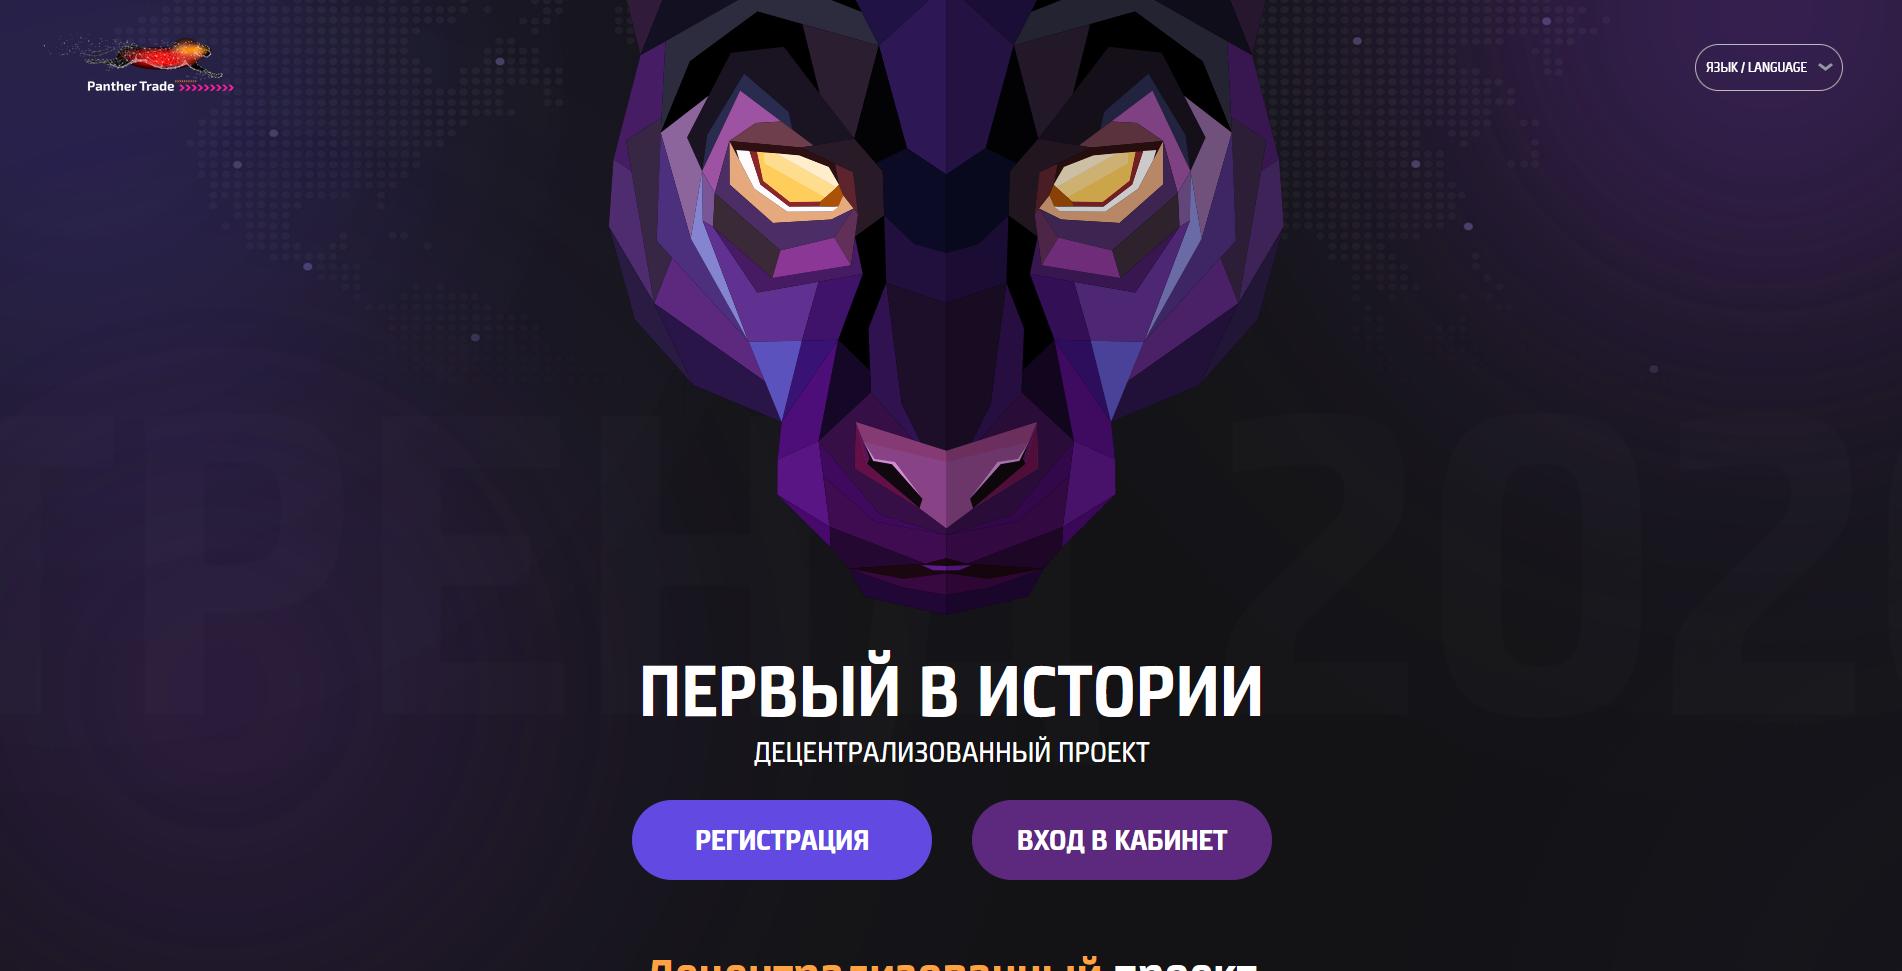 Panthertrade